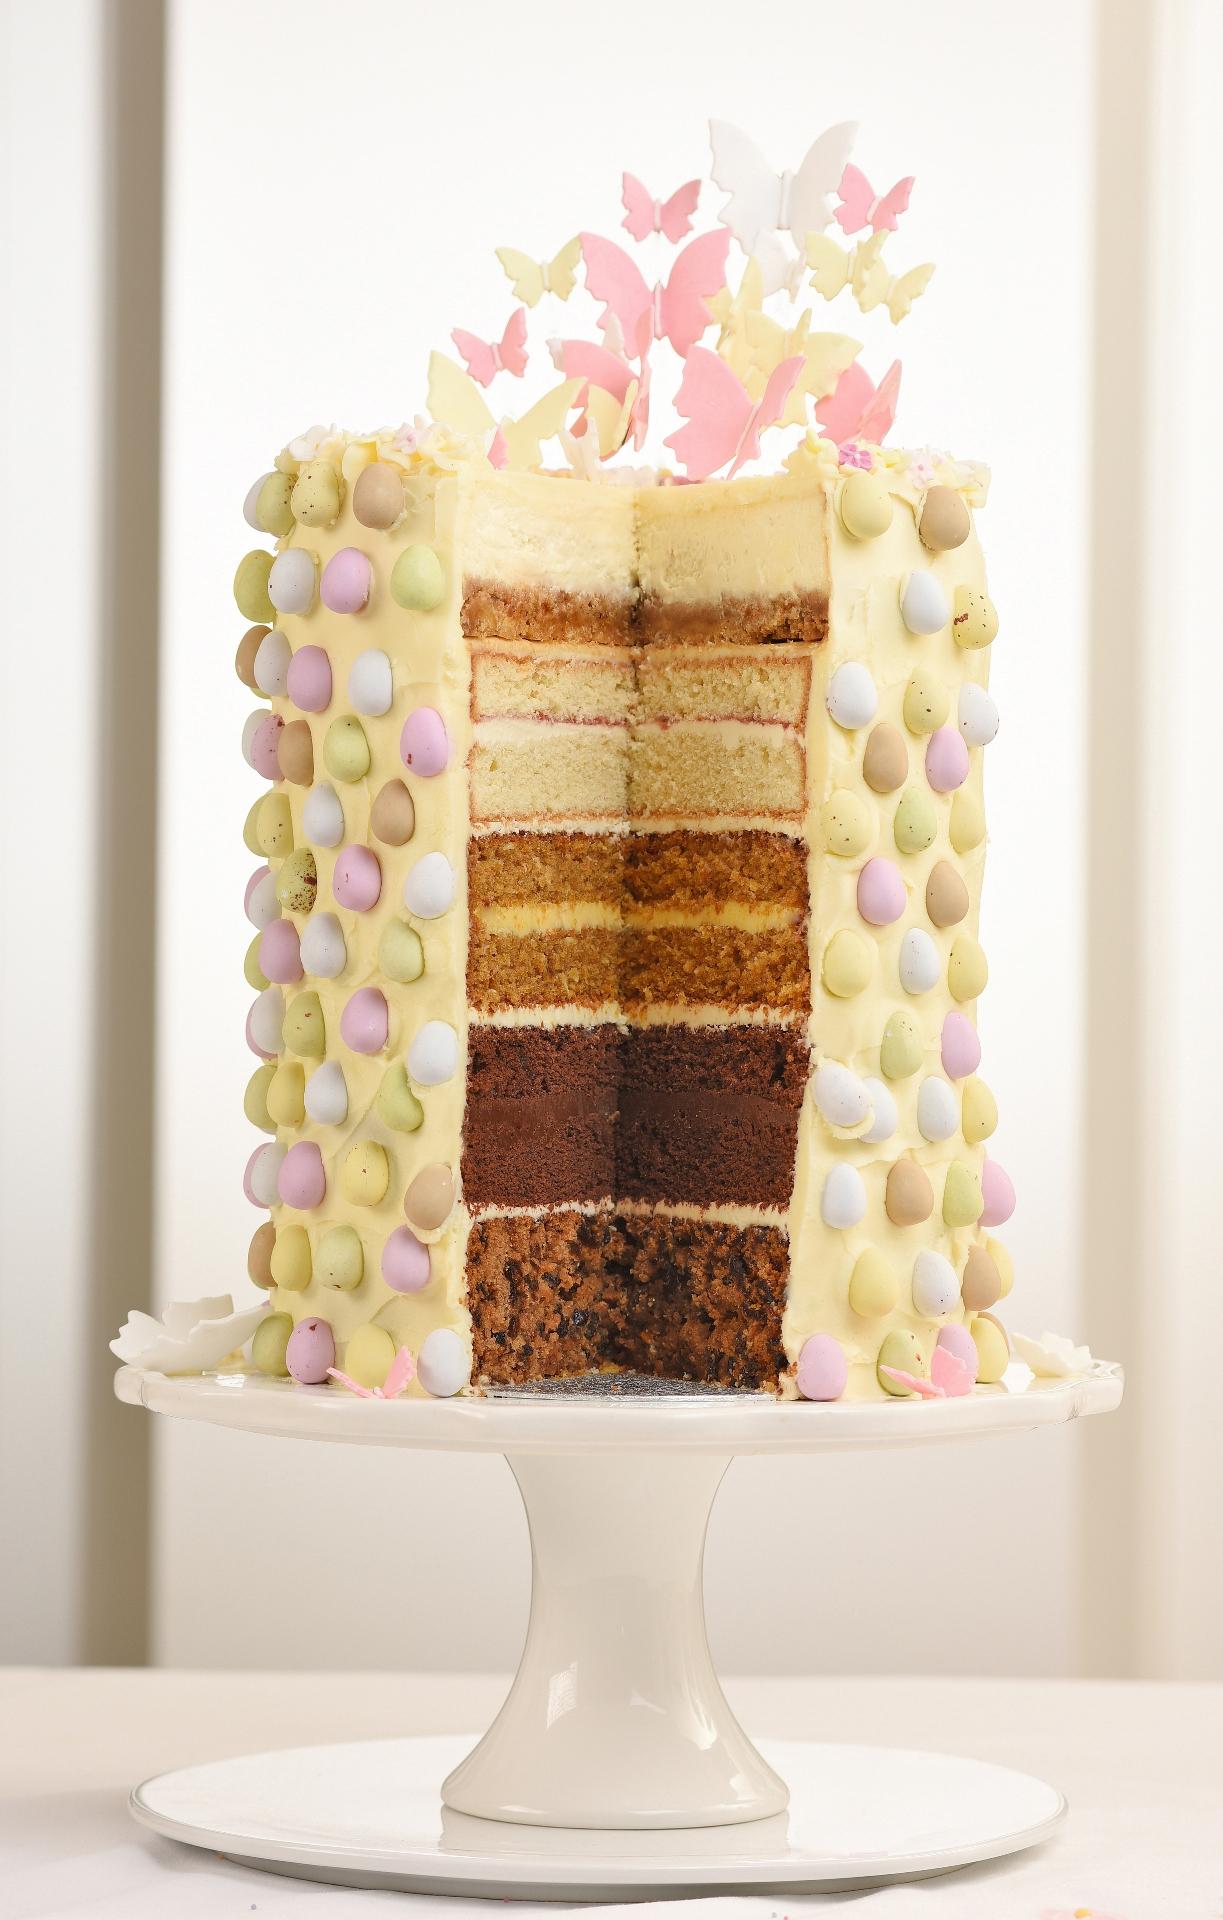 Aldi Cake Decorations